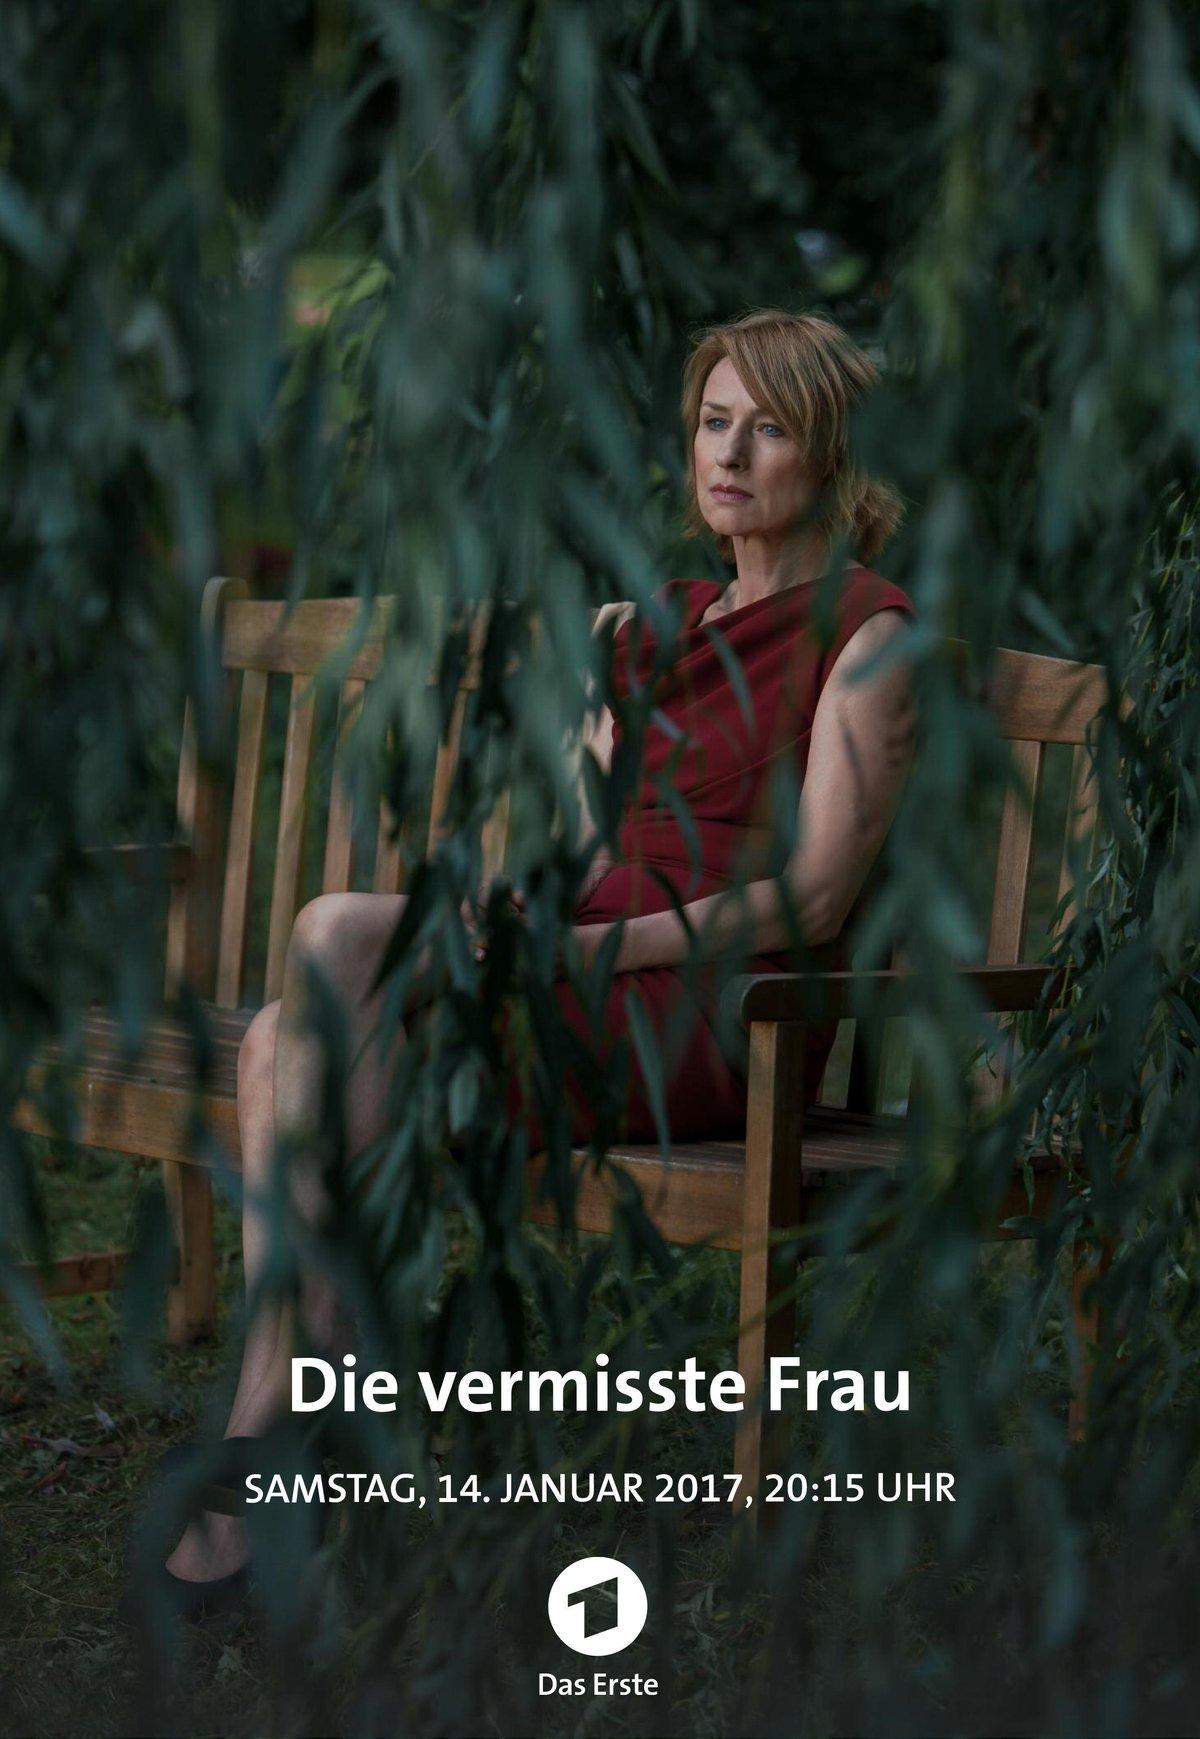 Vermisste Frau Regensburg